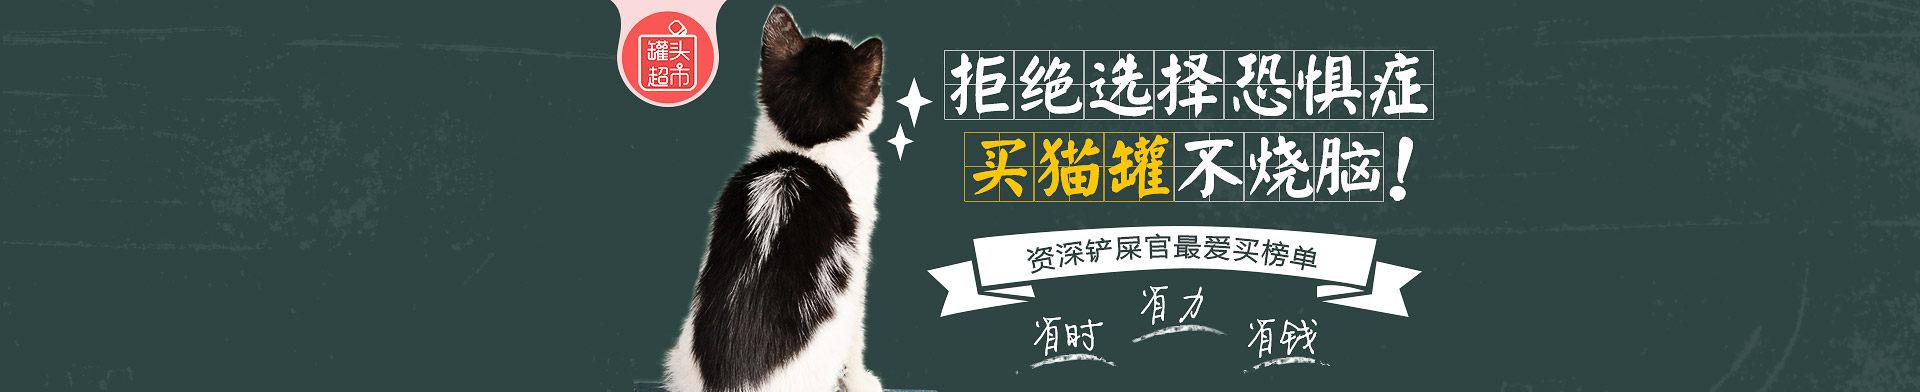 猫罐banner-单品推荐